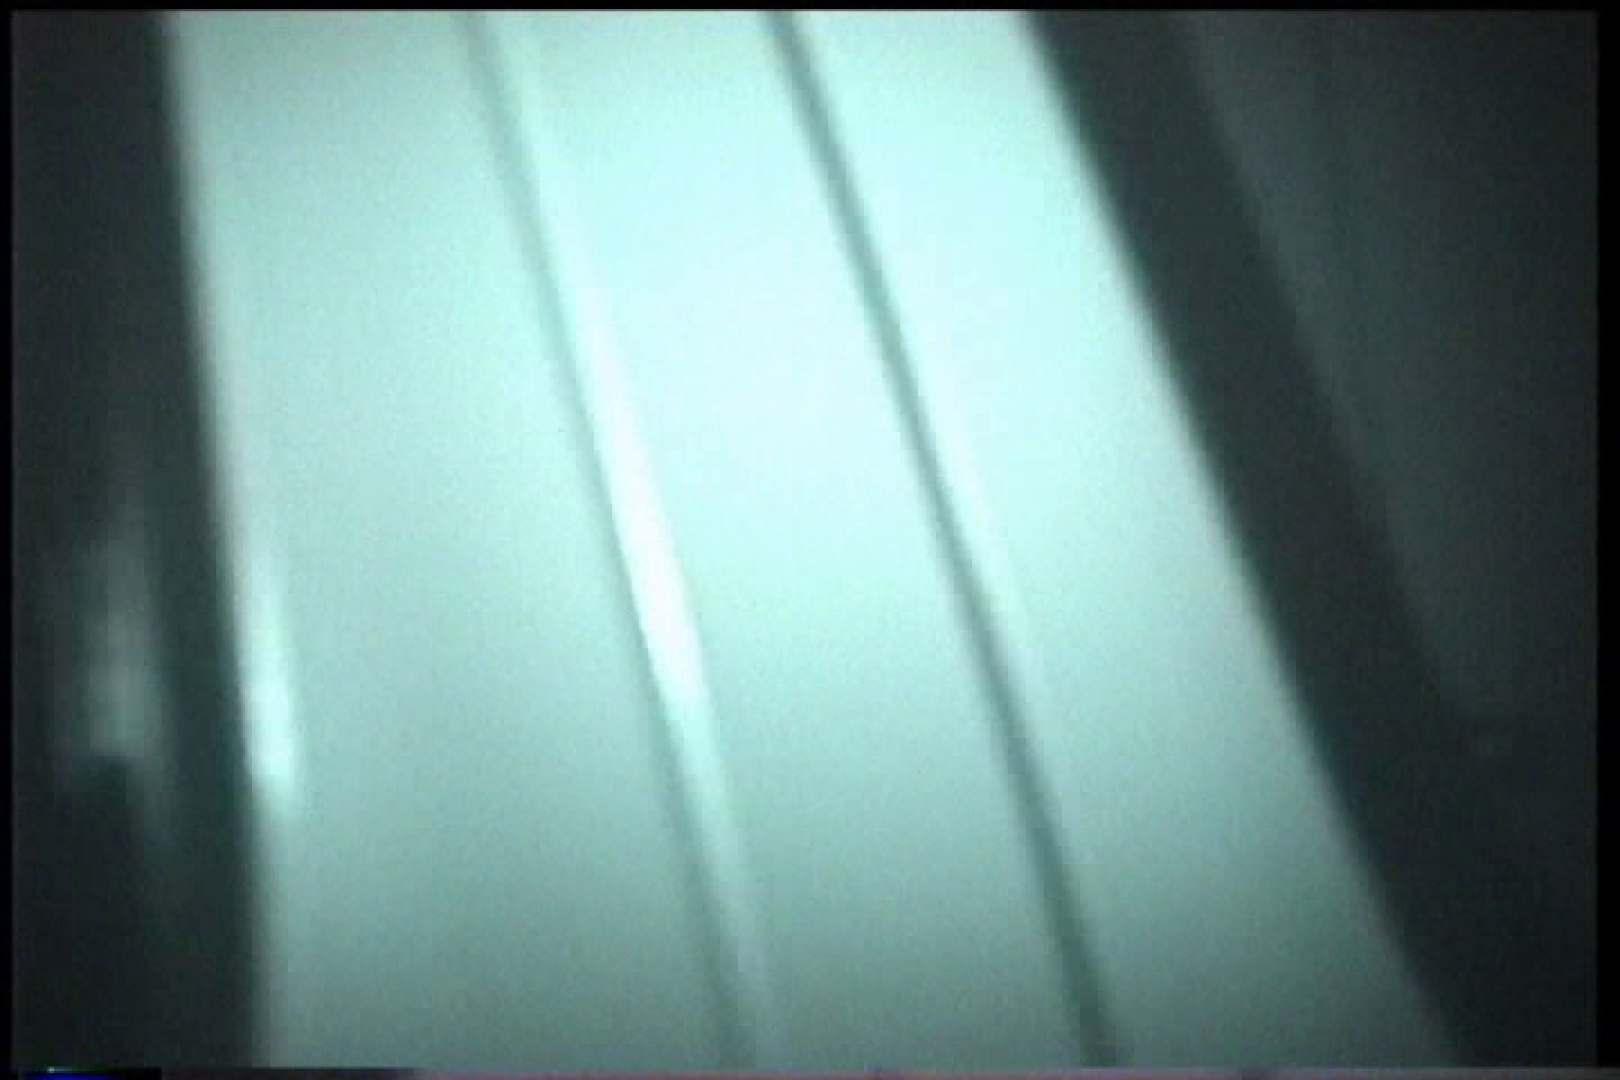 充血監督の深夜の運動会Vol.177 後編 カップル   OLの実態  84pic 23